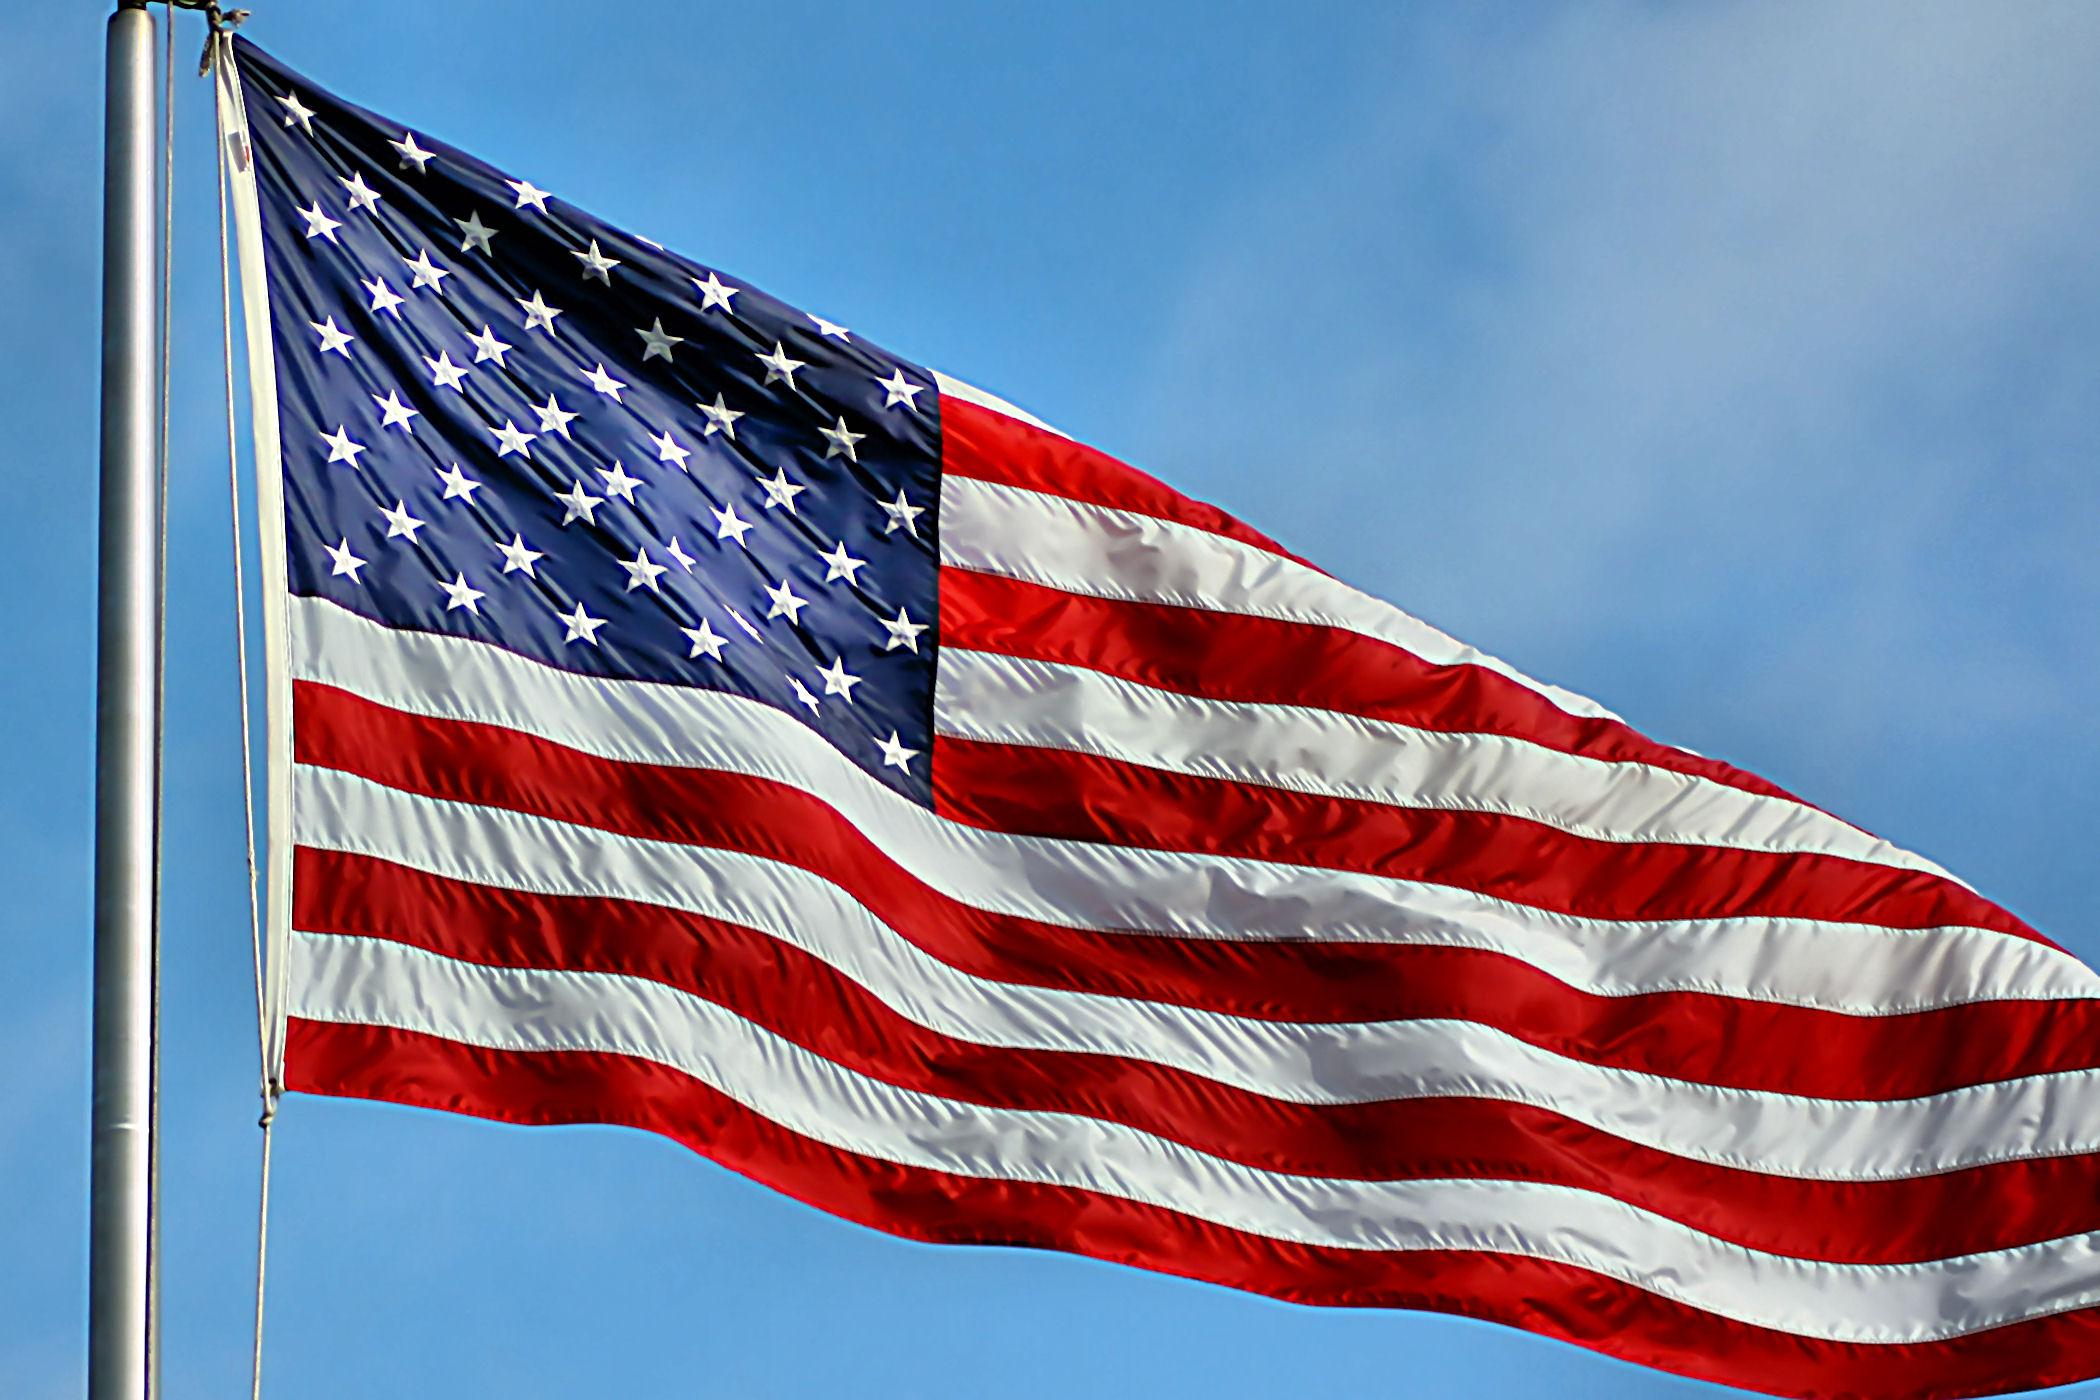 بالصور صور علم امريكا , مجموعة من الصور المختلفة لعلم دولة امريكا 912 2